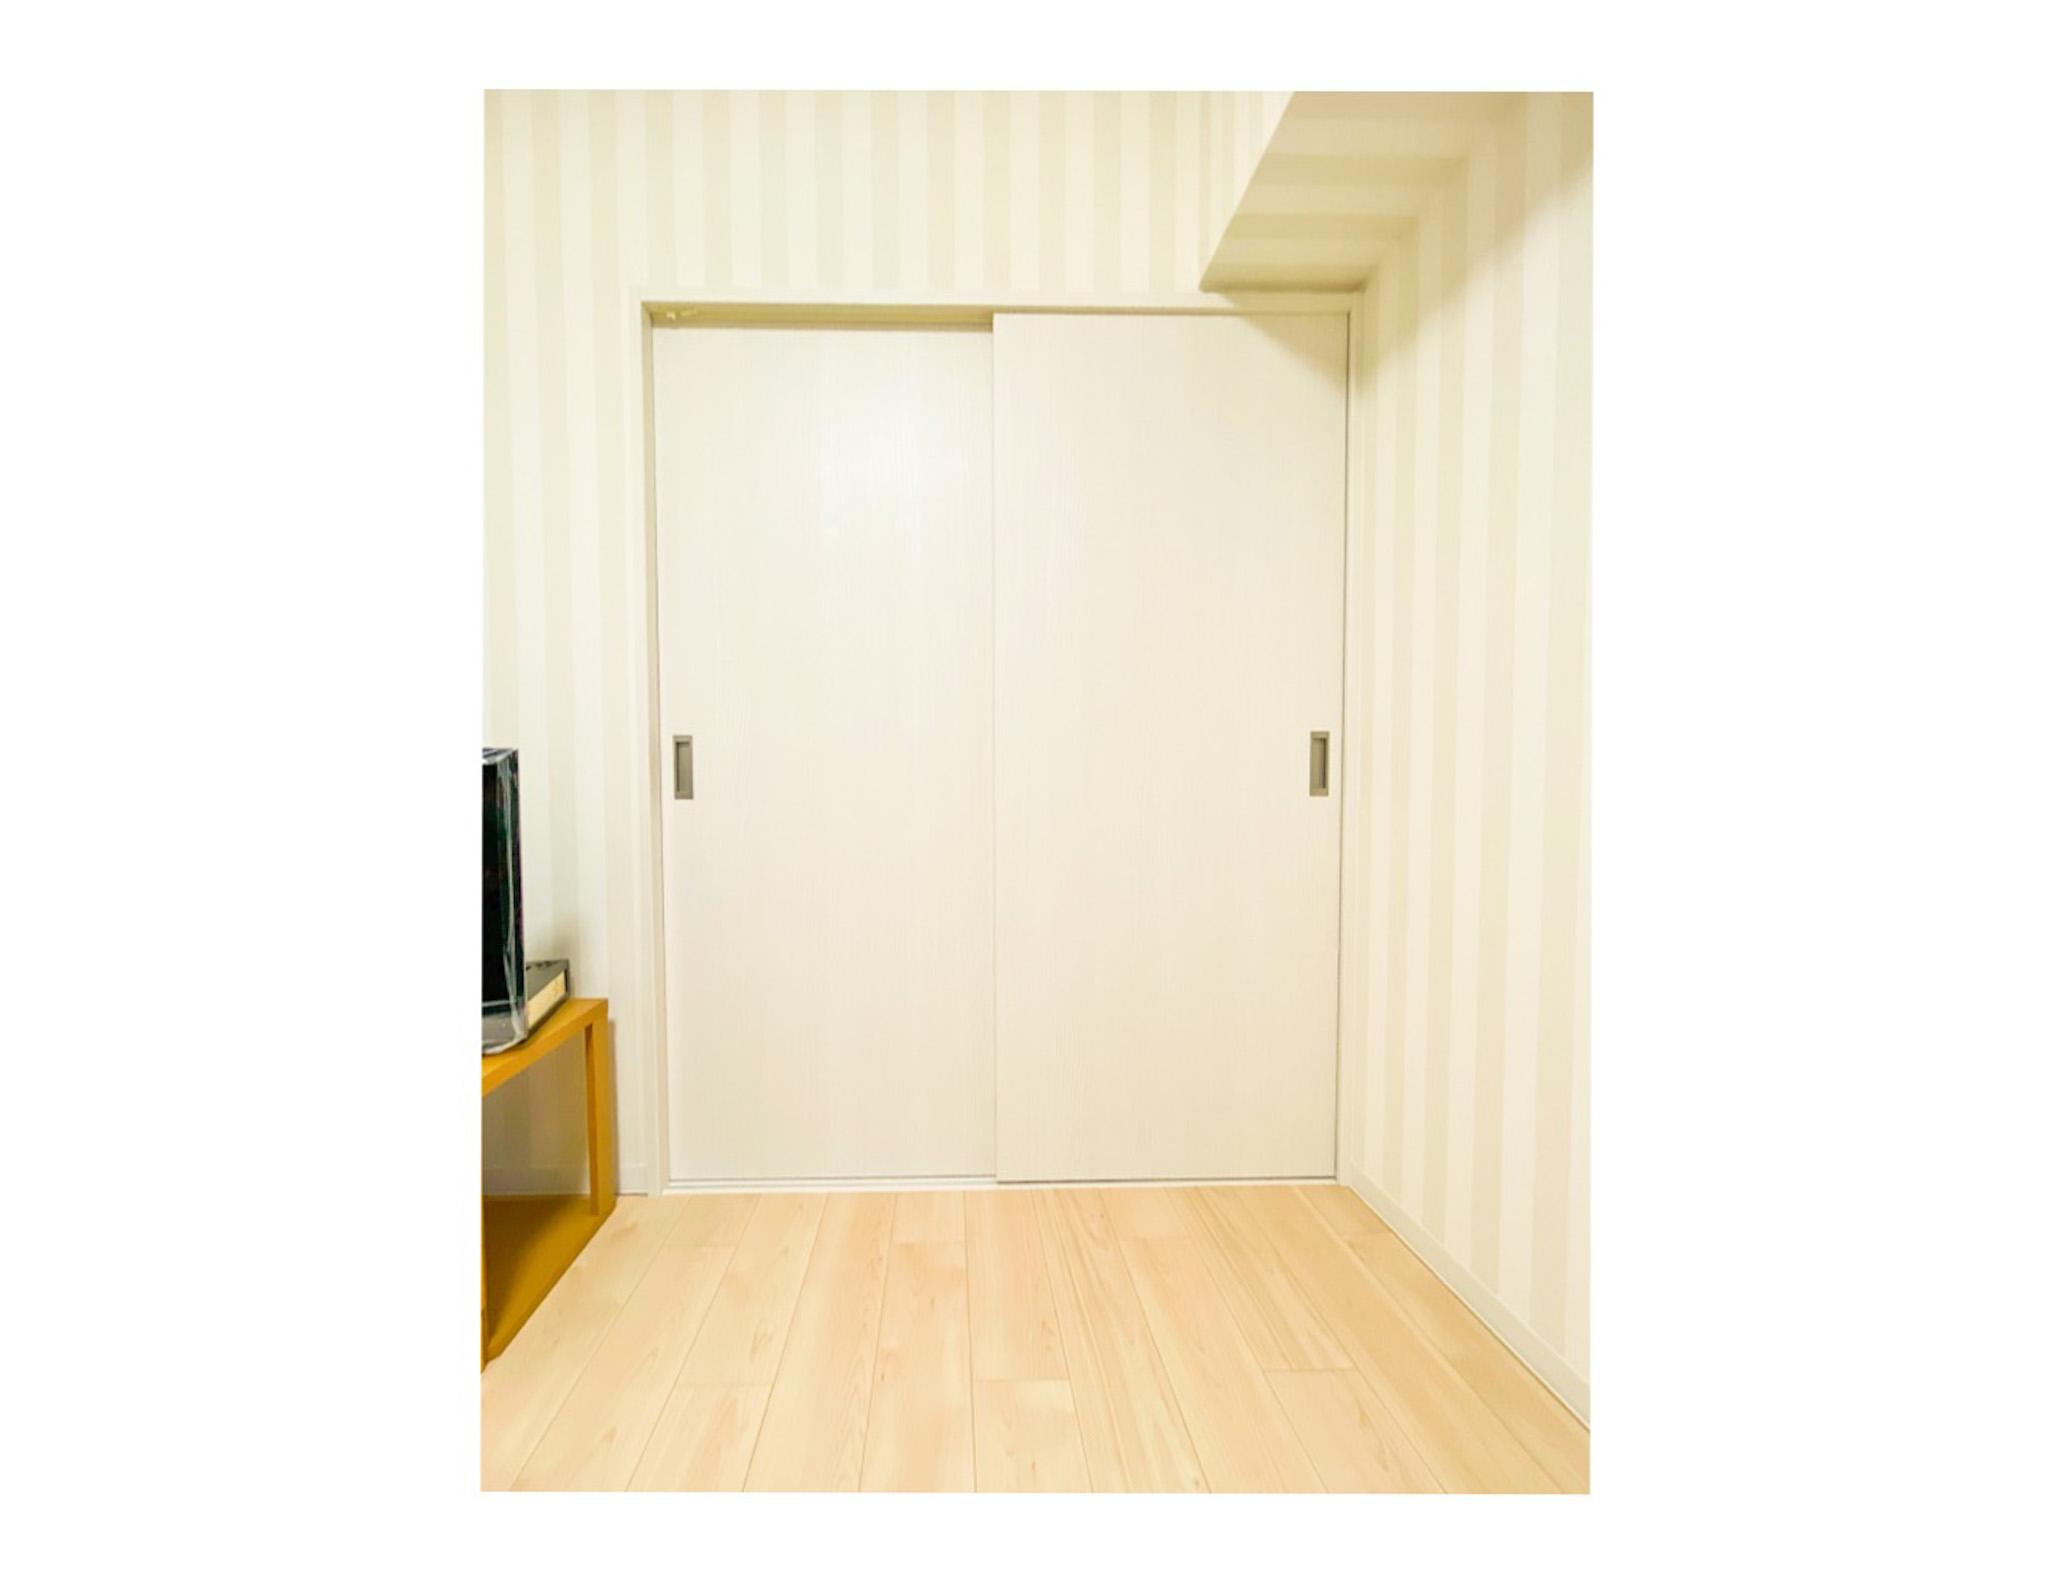 押入れから洋室収納へリフォーム(神戸市中央区マンション事例)